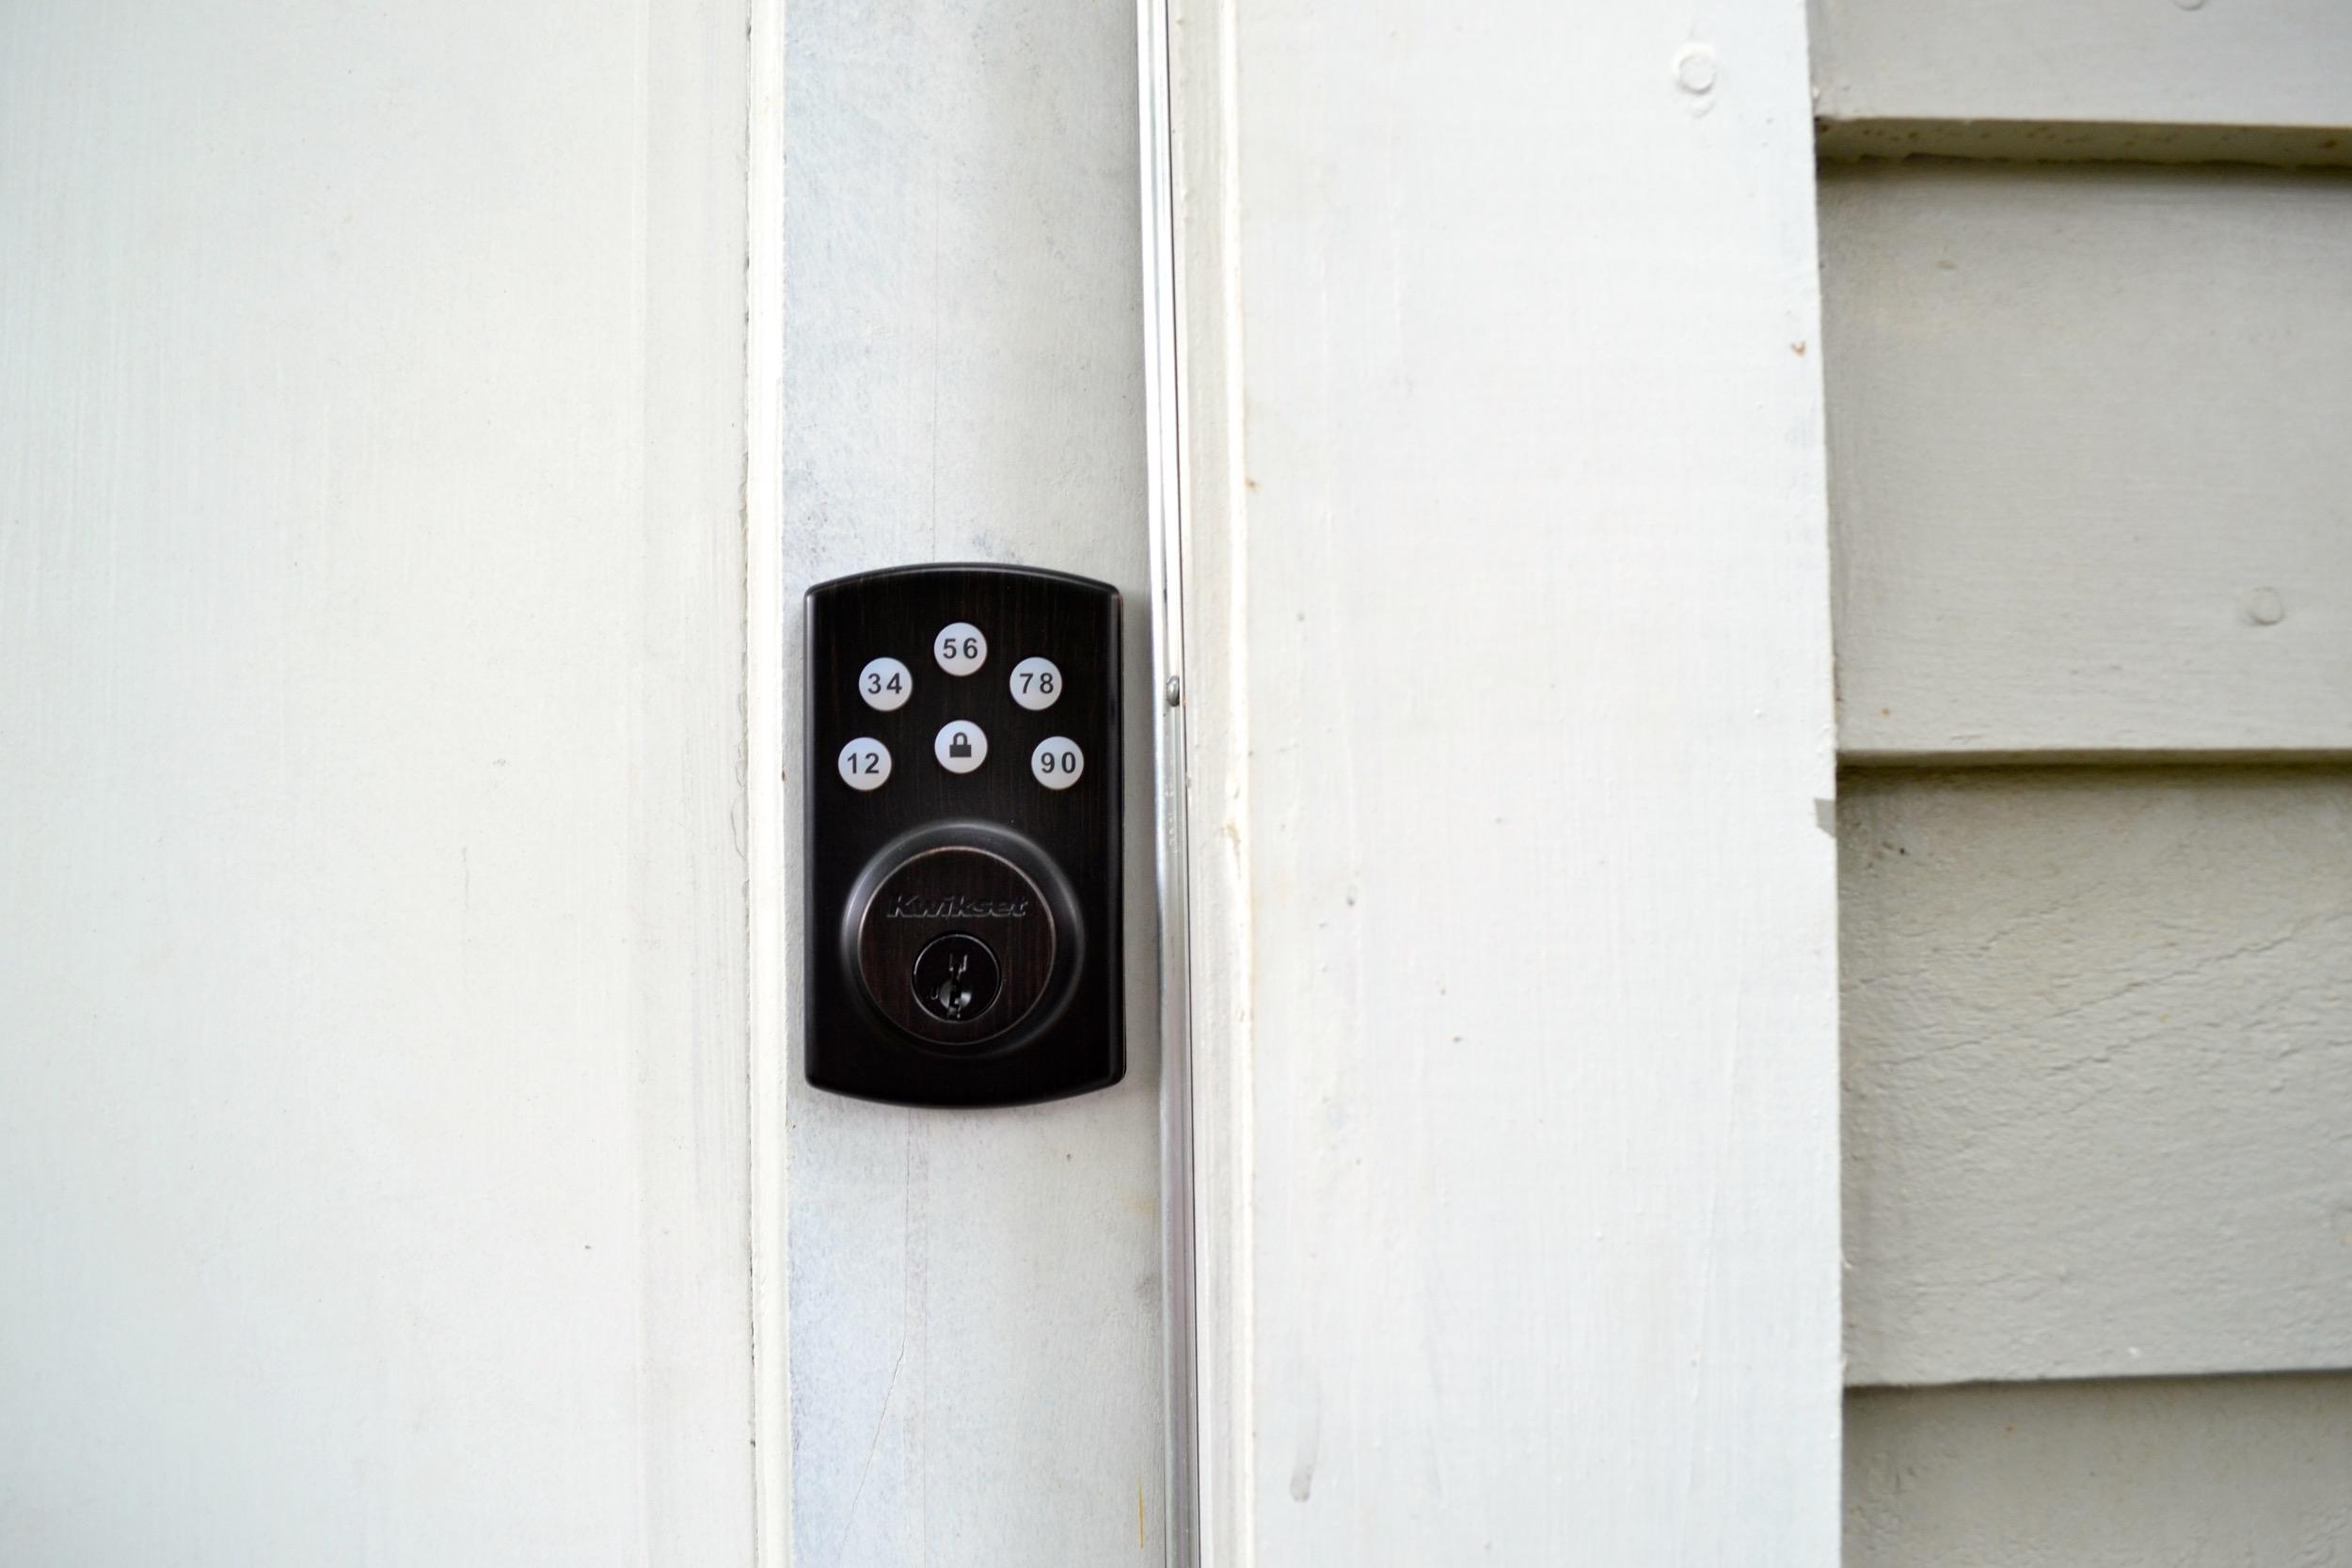 keypad-lock-what-it-looks-like